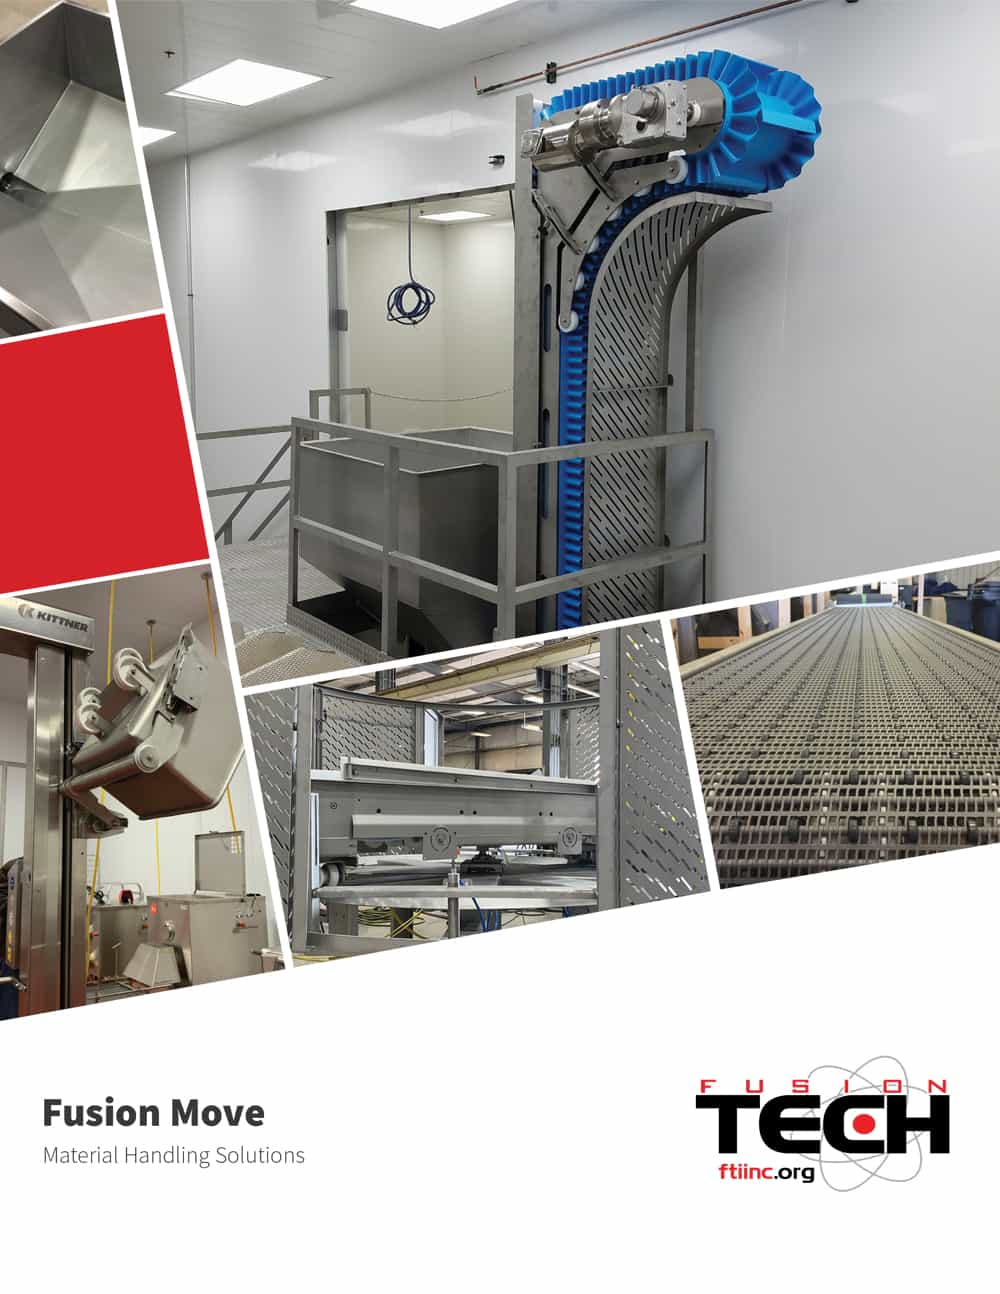 Fusion Move Catalog